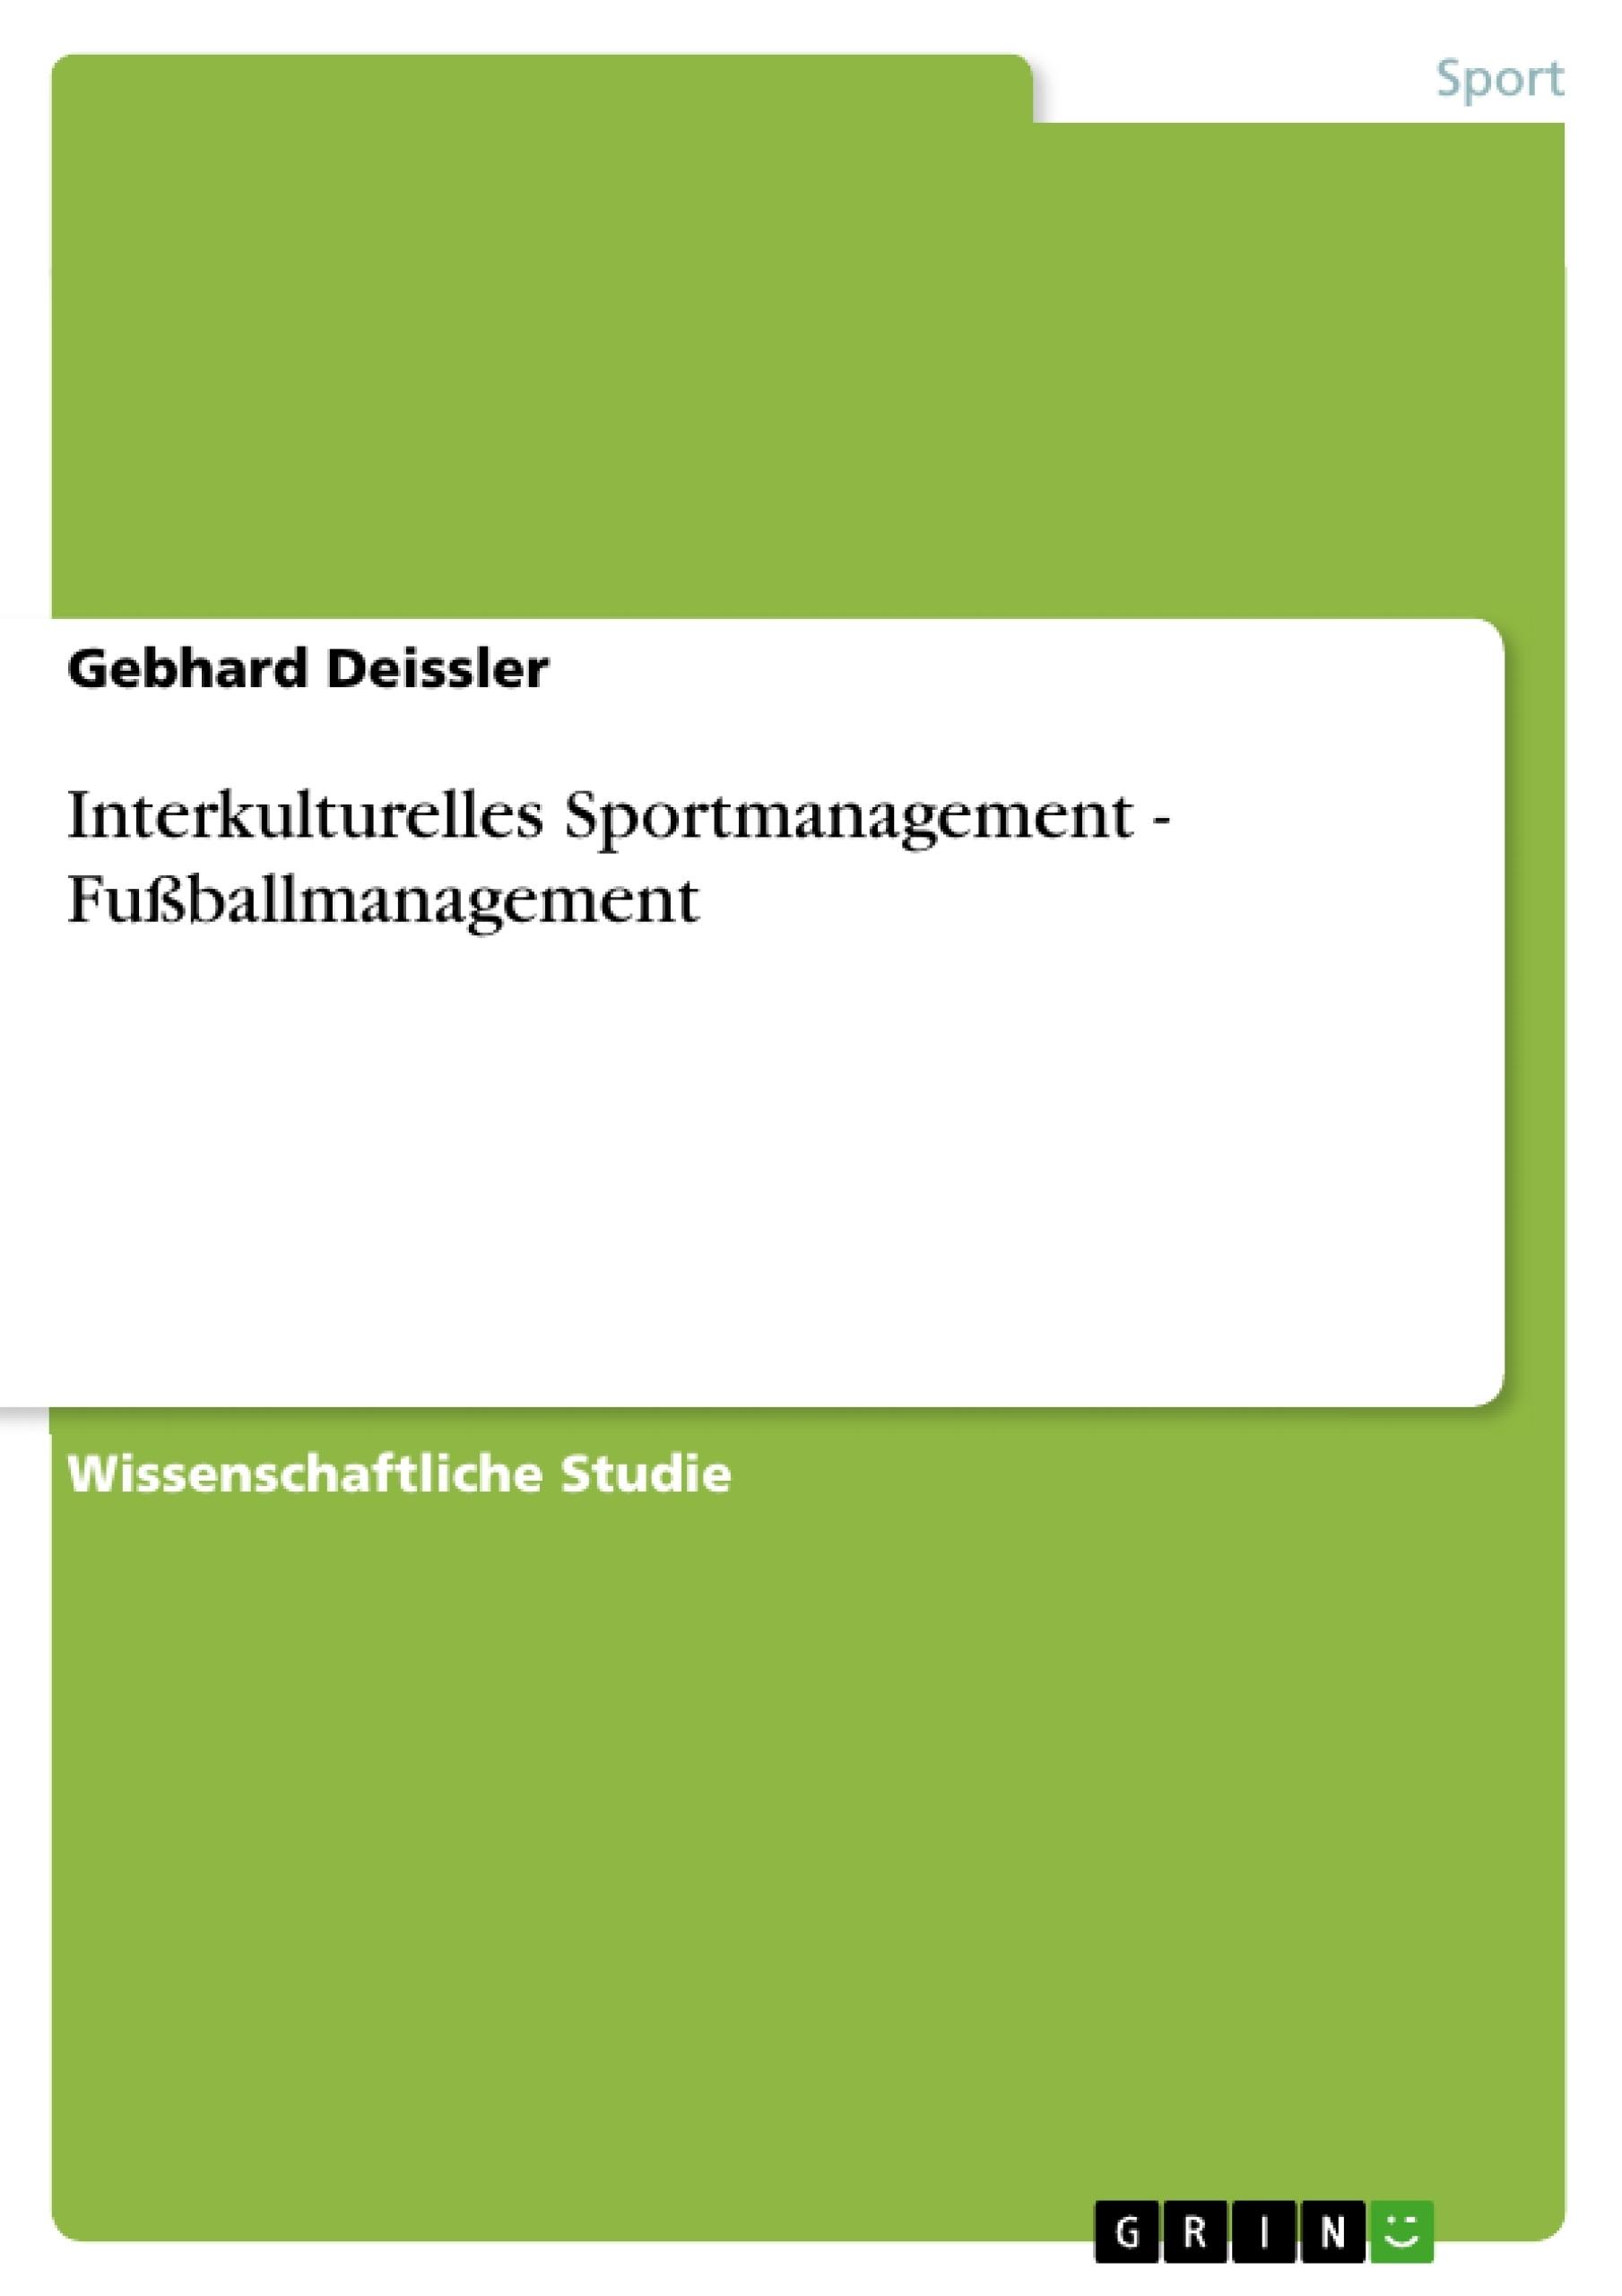 Titel: Interkulturelles Sportmanagement - Fußballmanagement